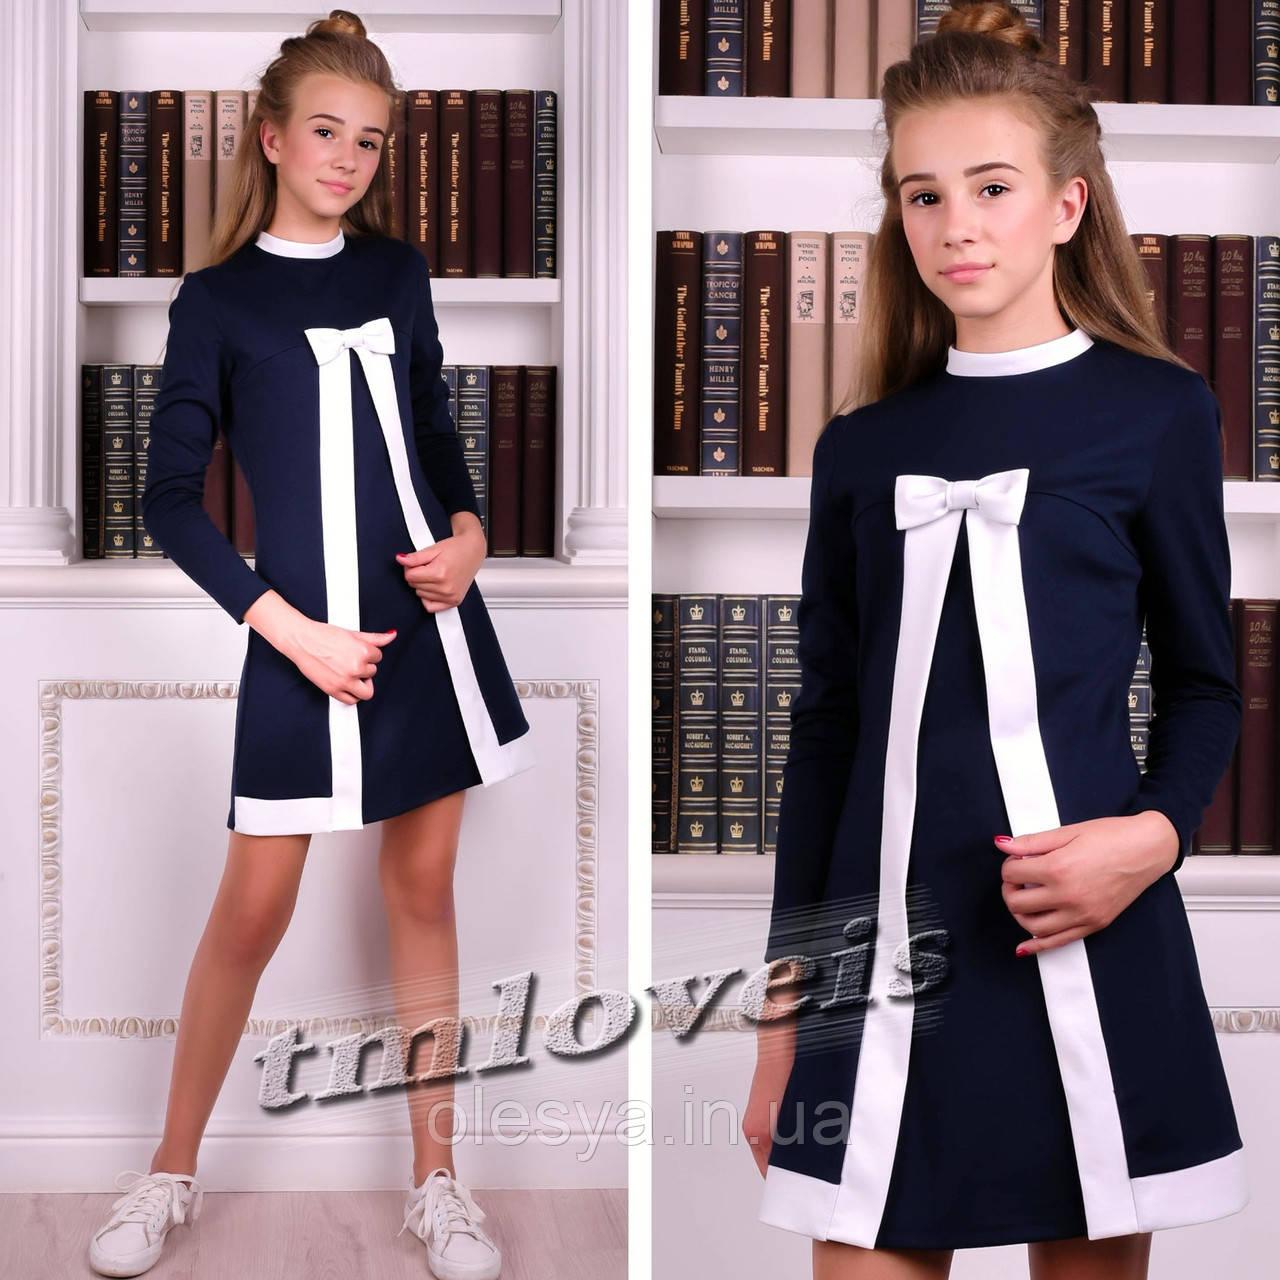 Школьное подростковое платье Лана ™LOVEIS Размеры 140 - 170